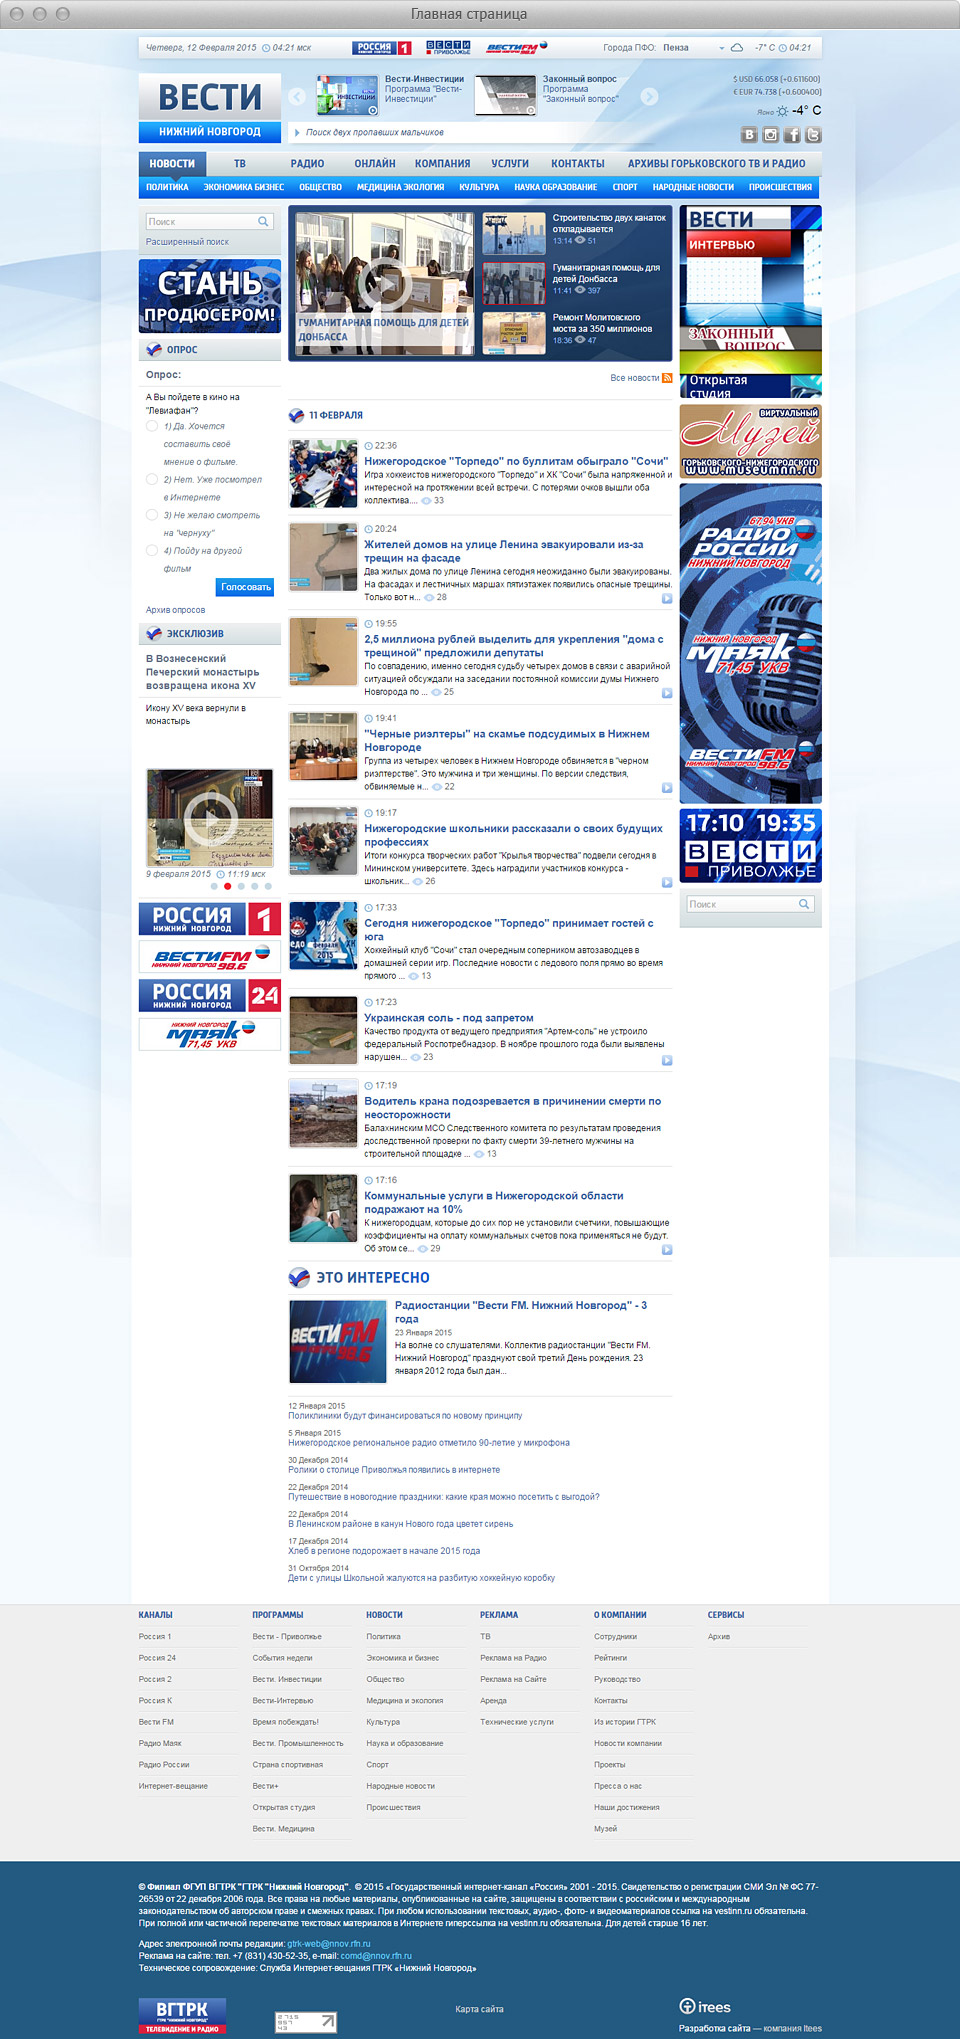 Техническое задание на разработку новостного сайта